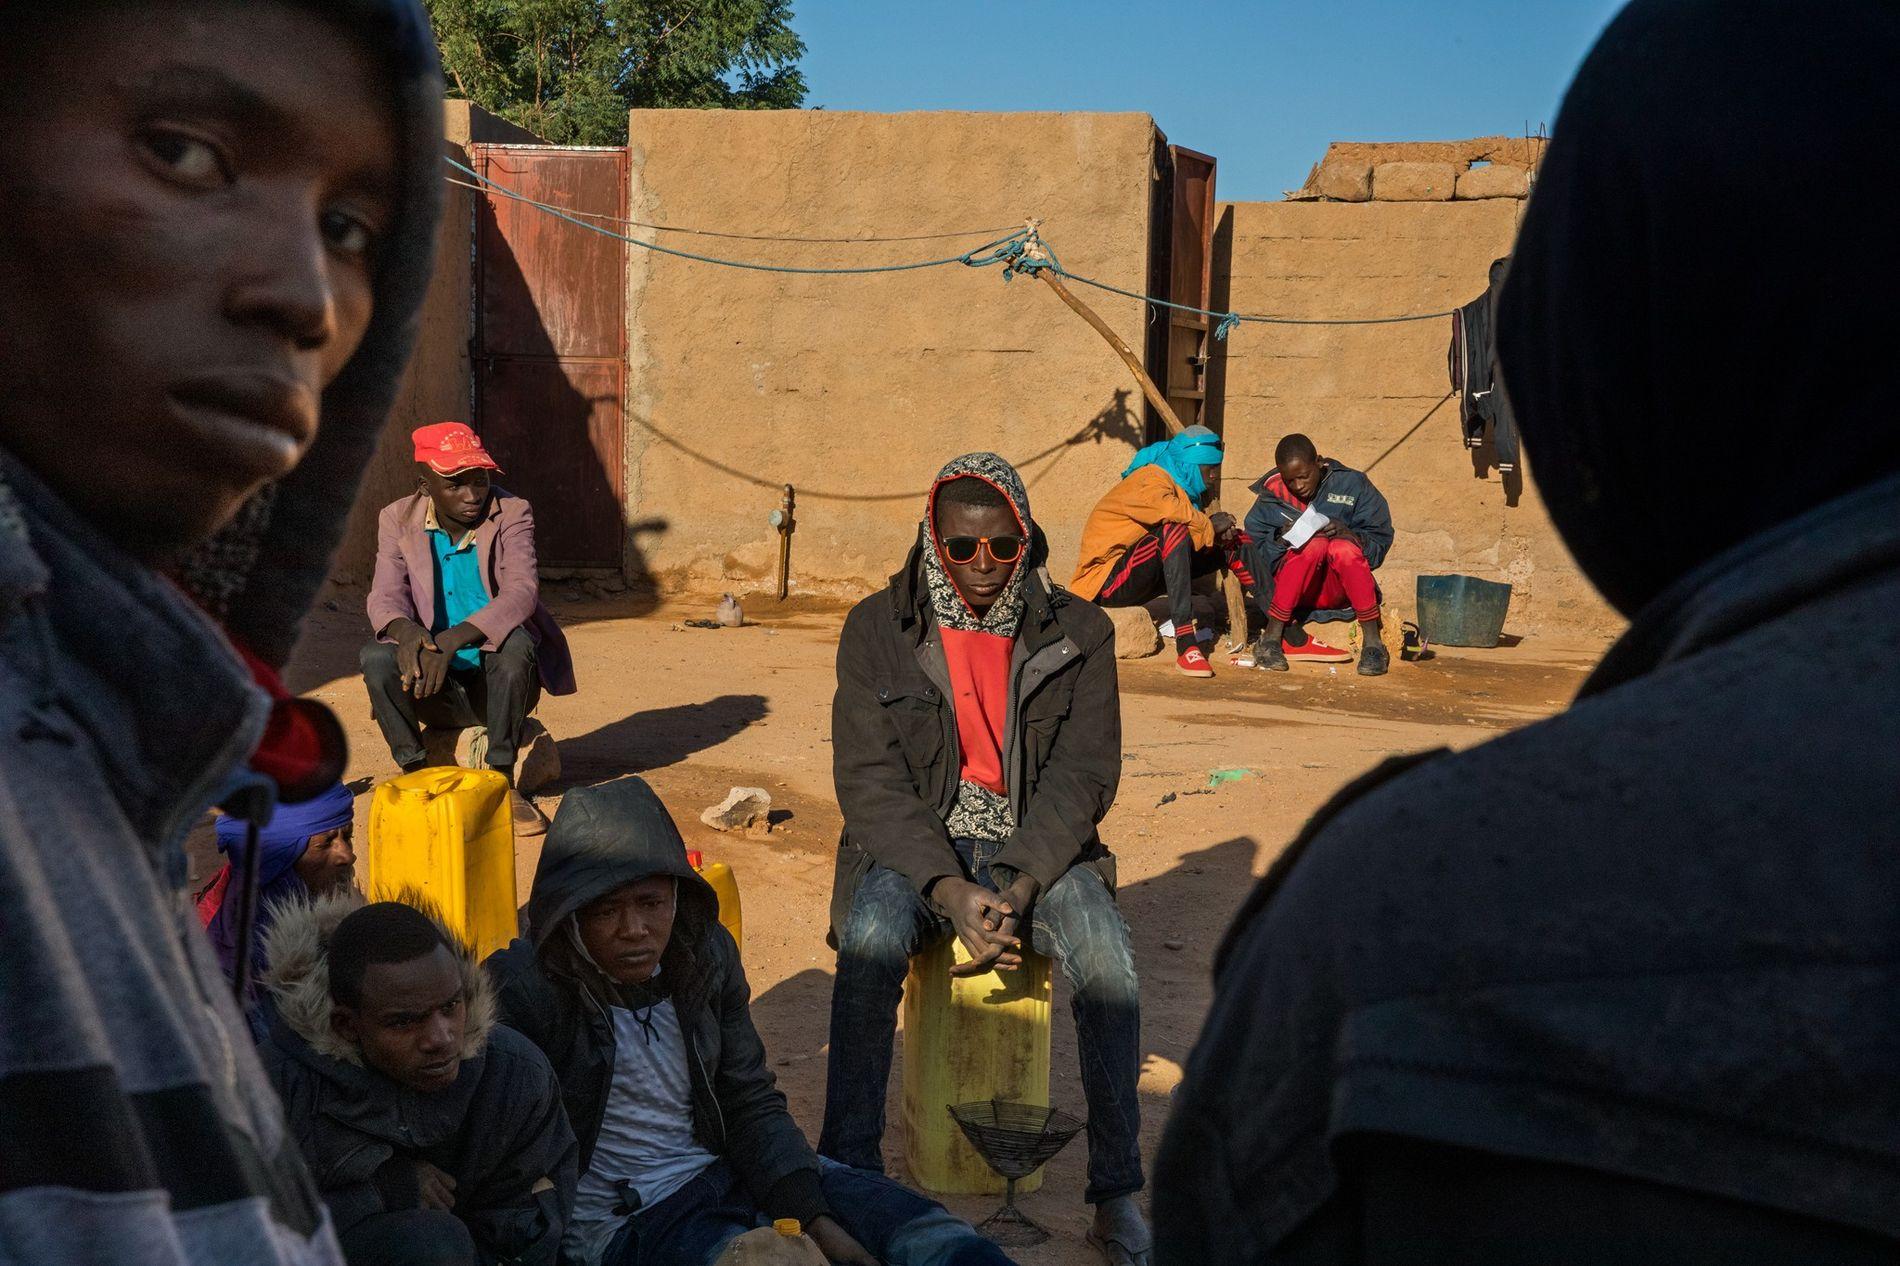 Jovens do Níger e de outros lugares esperam num 'gueto' de migrantes, em Agadez, no Níger, ...